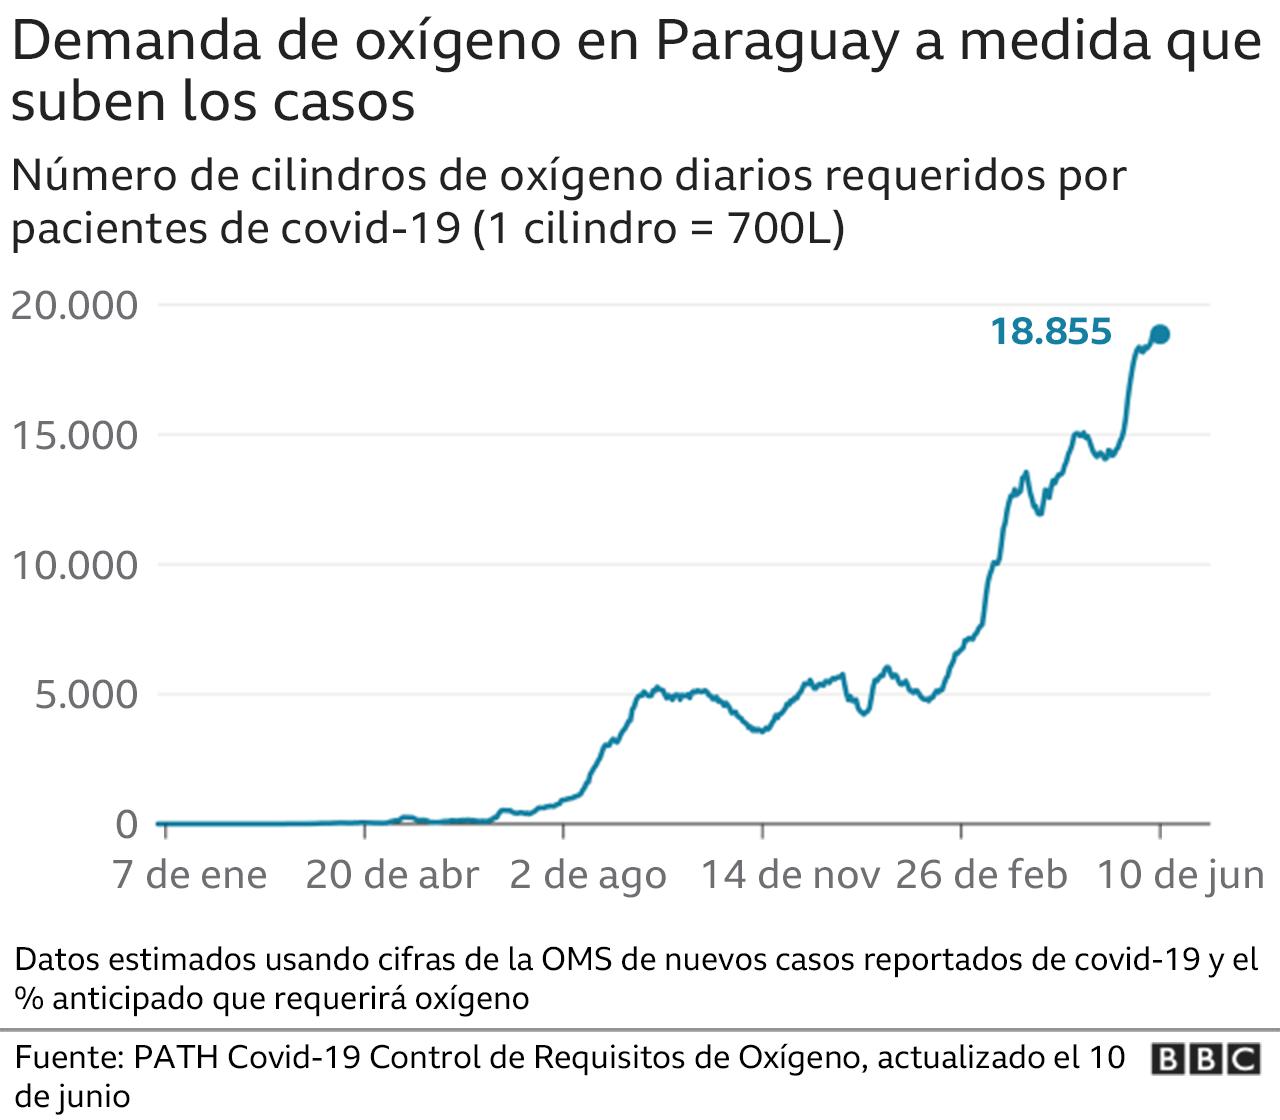 Gráfico que muestra la demanda de oxígeno en Paraguay